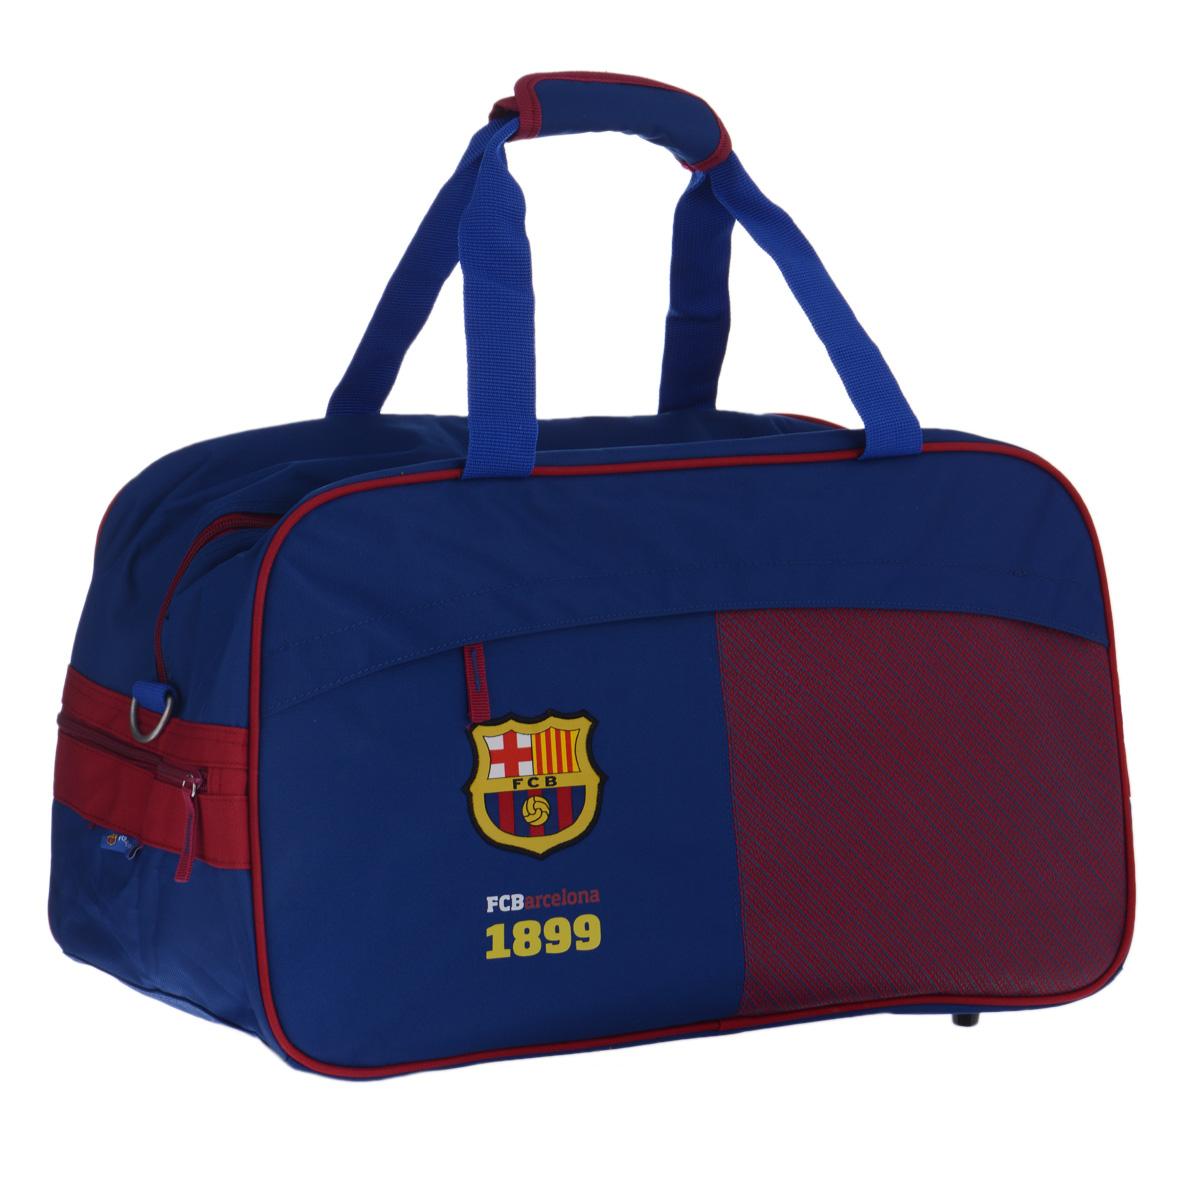 FC Barcelona Сумка спортивная цвет синий красныйOM-678-2/2Спортивная сумка Barcelona FC понравится любому фанату команды или просто активному человеку, занимающемуся спортом.Сумка изготовлена из высококачественного износостойкого полиэстера и оформлена нашивным логотипом футбольного клуба Барселона - знаменитого каталонского клуба из одноимённого города, одного из сильнейших в Испании и в мире.Сумка состоит из одного вместительного отделения, закрывается на застежку-молнию. Спереди расположен прорезной карман на застежке-молнии, прикрытый клапаном для предотвращения попадания влаги. Внутри кармана находятся два открытых кармана для мелочей, карман для мобильного телефона с клапаном на липучке, накладной карман-сеточка на застежке-молнии и кольцо для ключей. Сумка имеет съемное твердое дно, которое при необходимости можно удалить для облегчения веса. Сумка имеет удобные ручки, скрепляющиеся хлястиком на липучке, а также съемный плечевой ремень, регулирующийся по длине, со специальной накладкой для комфортной переноски на плече. Сумка очень просторная, в ней без труда поместится спортивная форма или сменная одежда. Дно оснащено пластиковыми ножками, обеспечивающими необходимую устойчивость.Спортивная сумка - незаменимый аксессуар для любого человека, занимающегося спортом или посещающего тренажерный зал. А сумка с логотипом любимой команды станет отличным подарком для футбольного болельщика. Сумка является официальной лицензионной продукцией FCB.